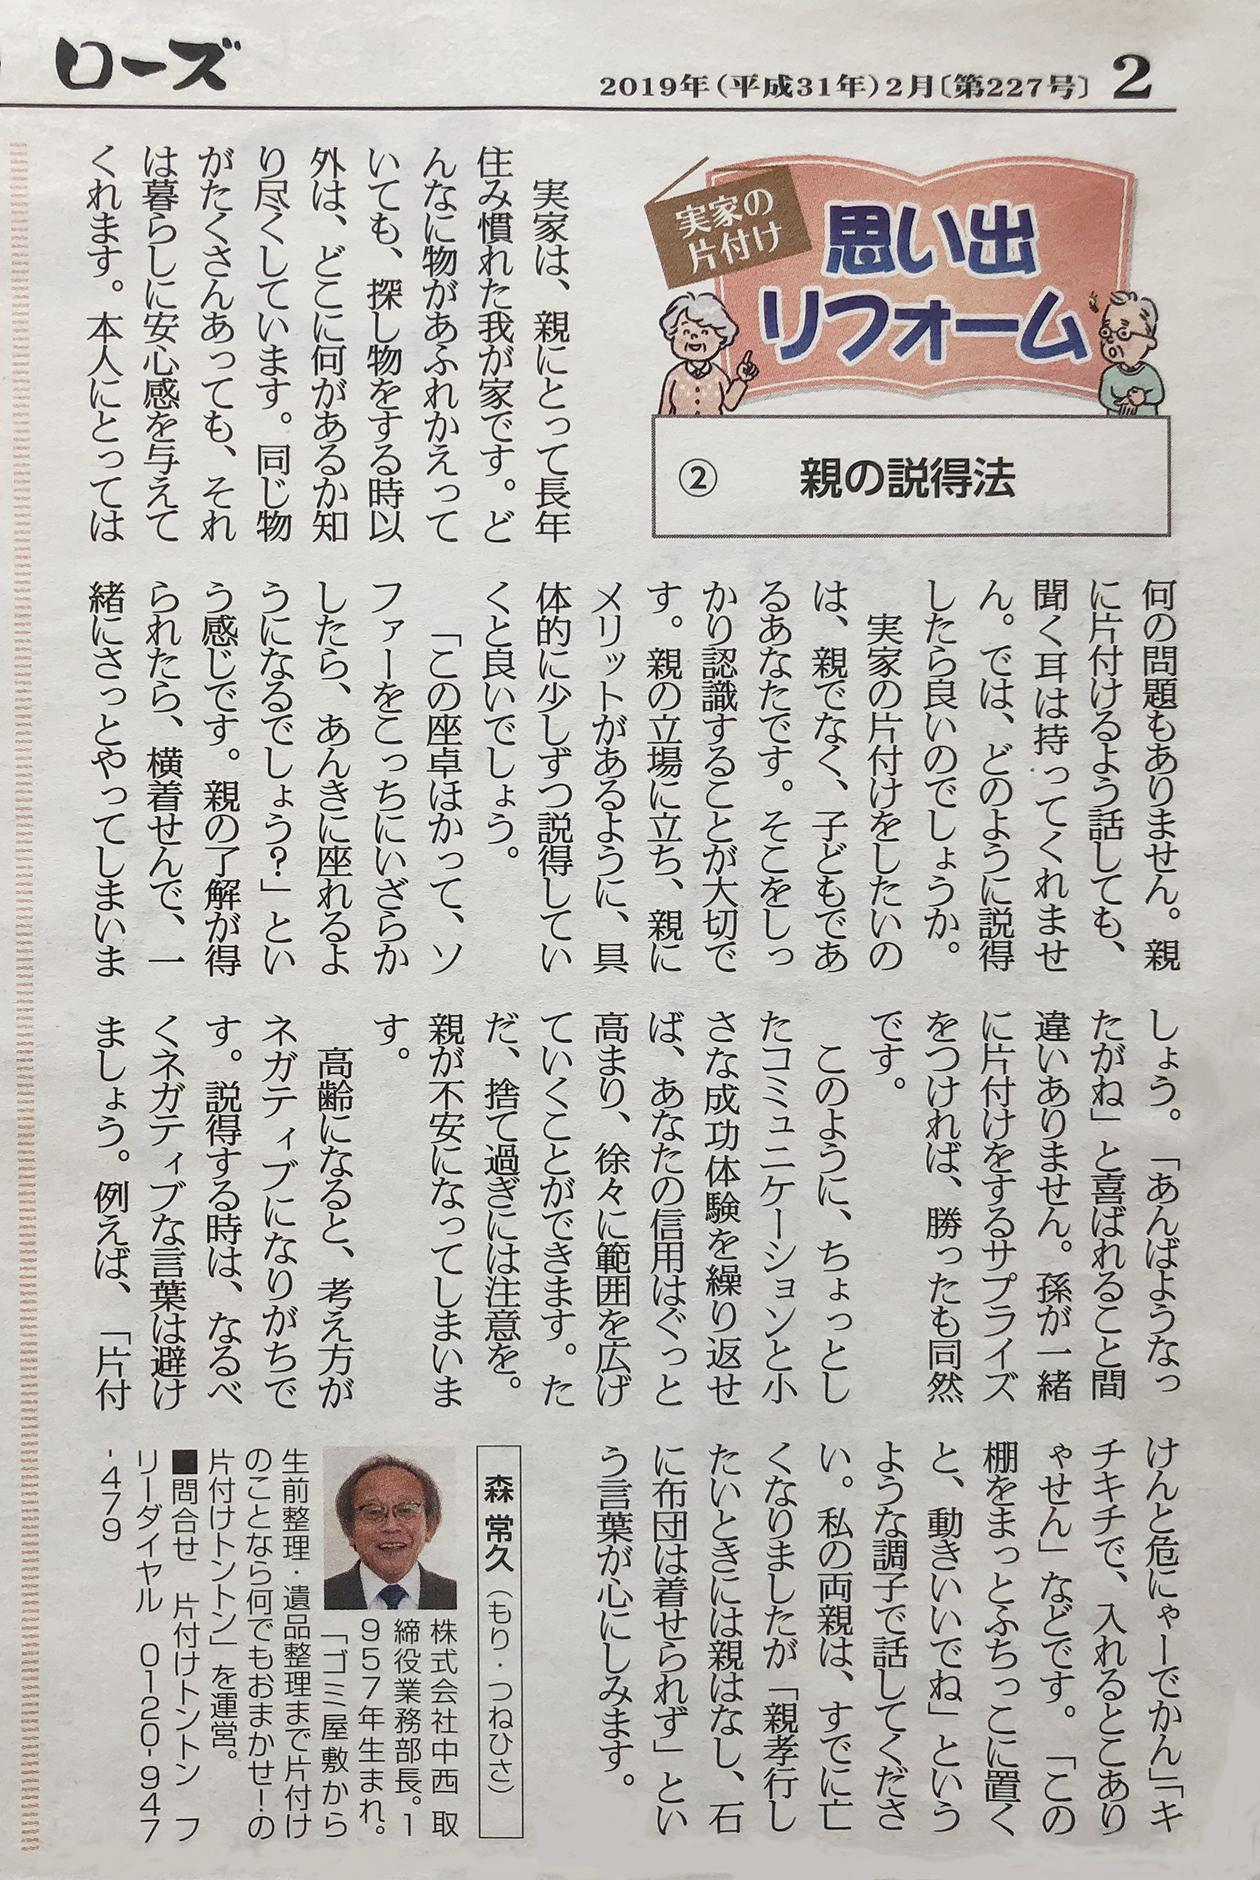 中日新聞朝刊折込 シニア情報紙『ローズ』2月号の写真